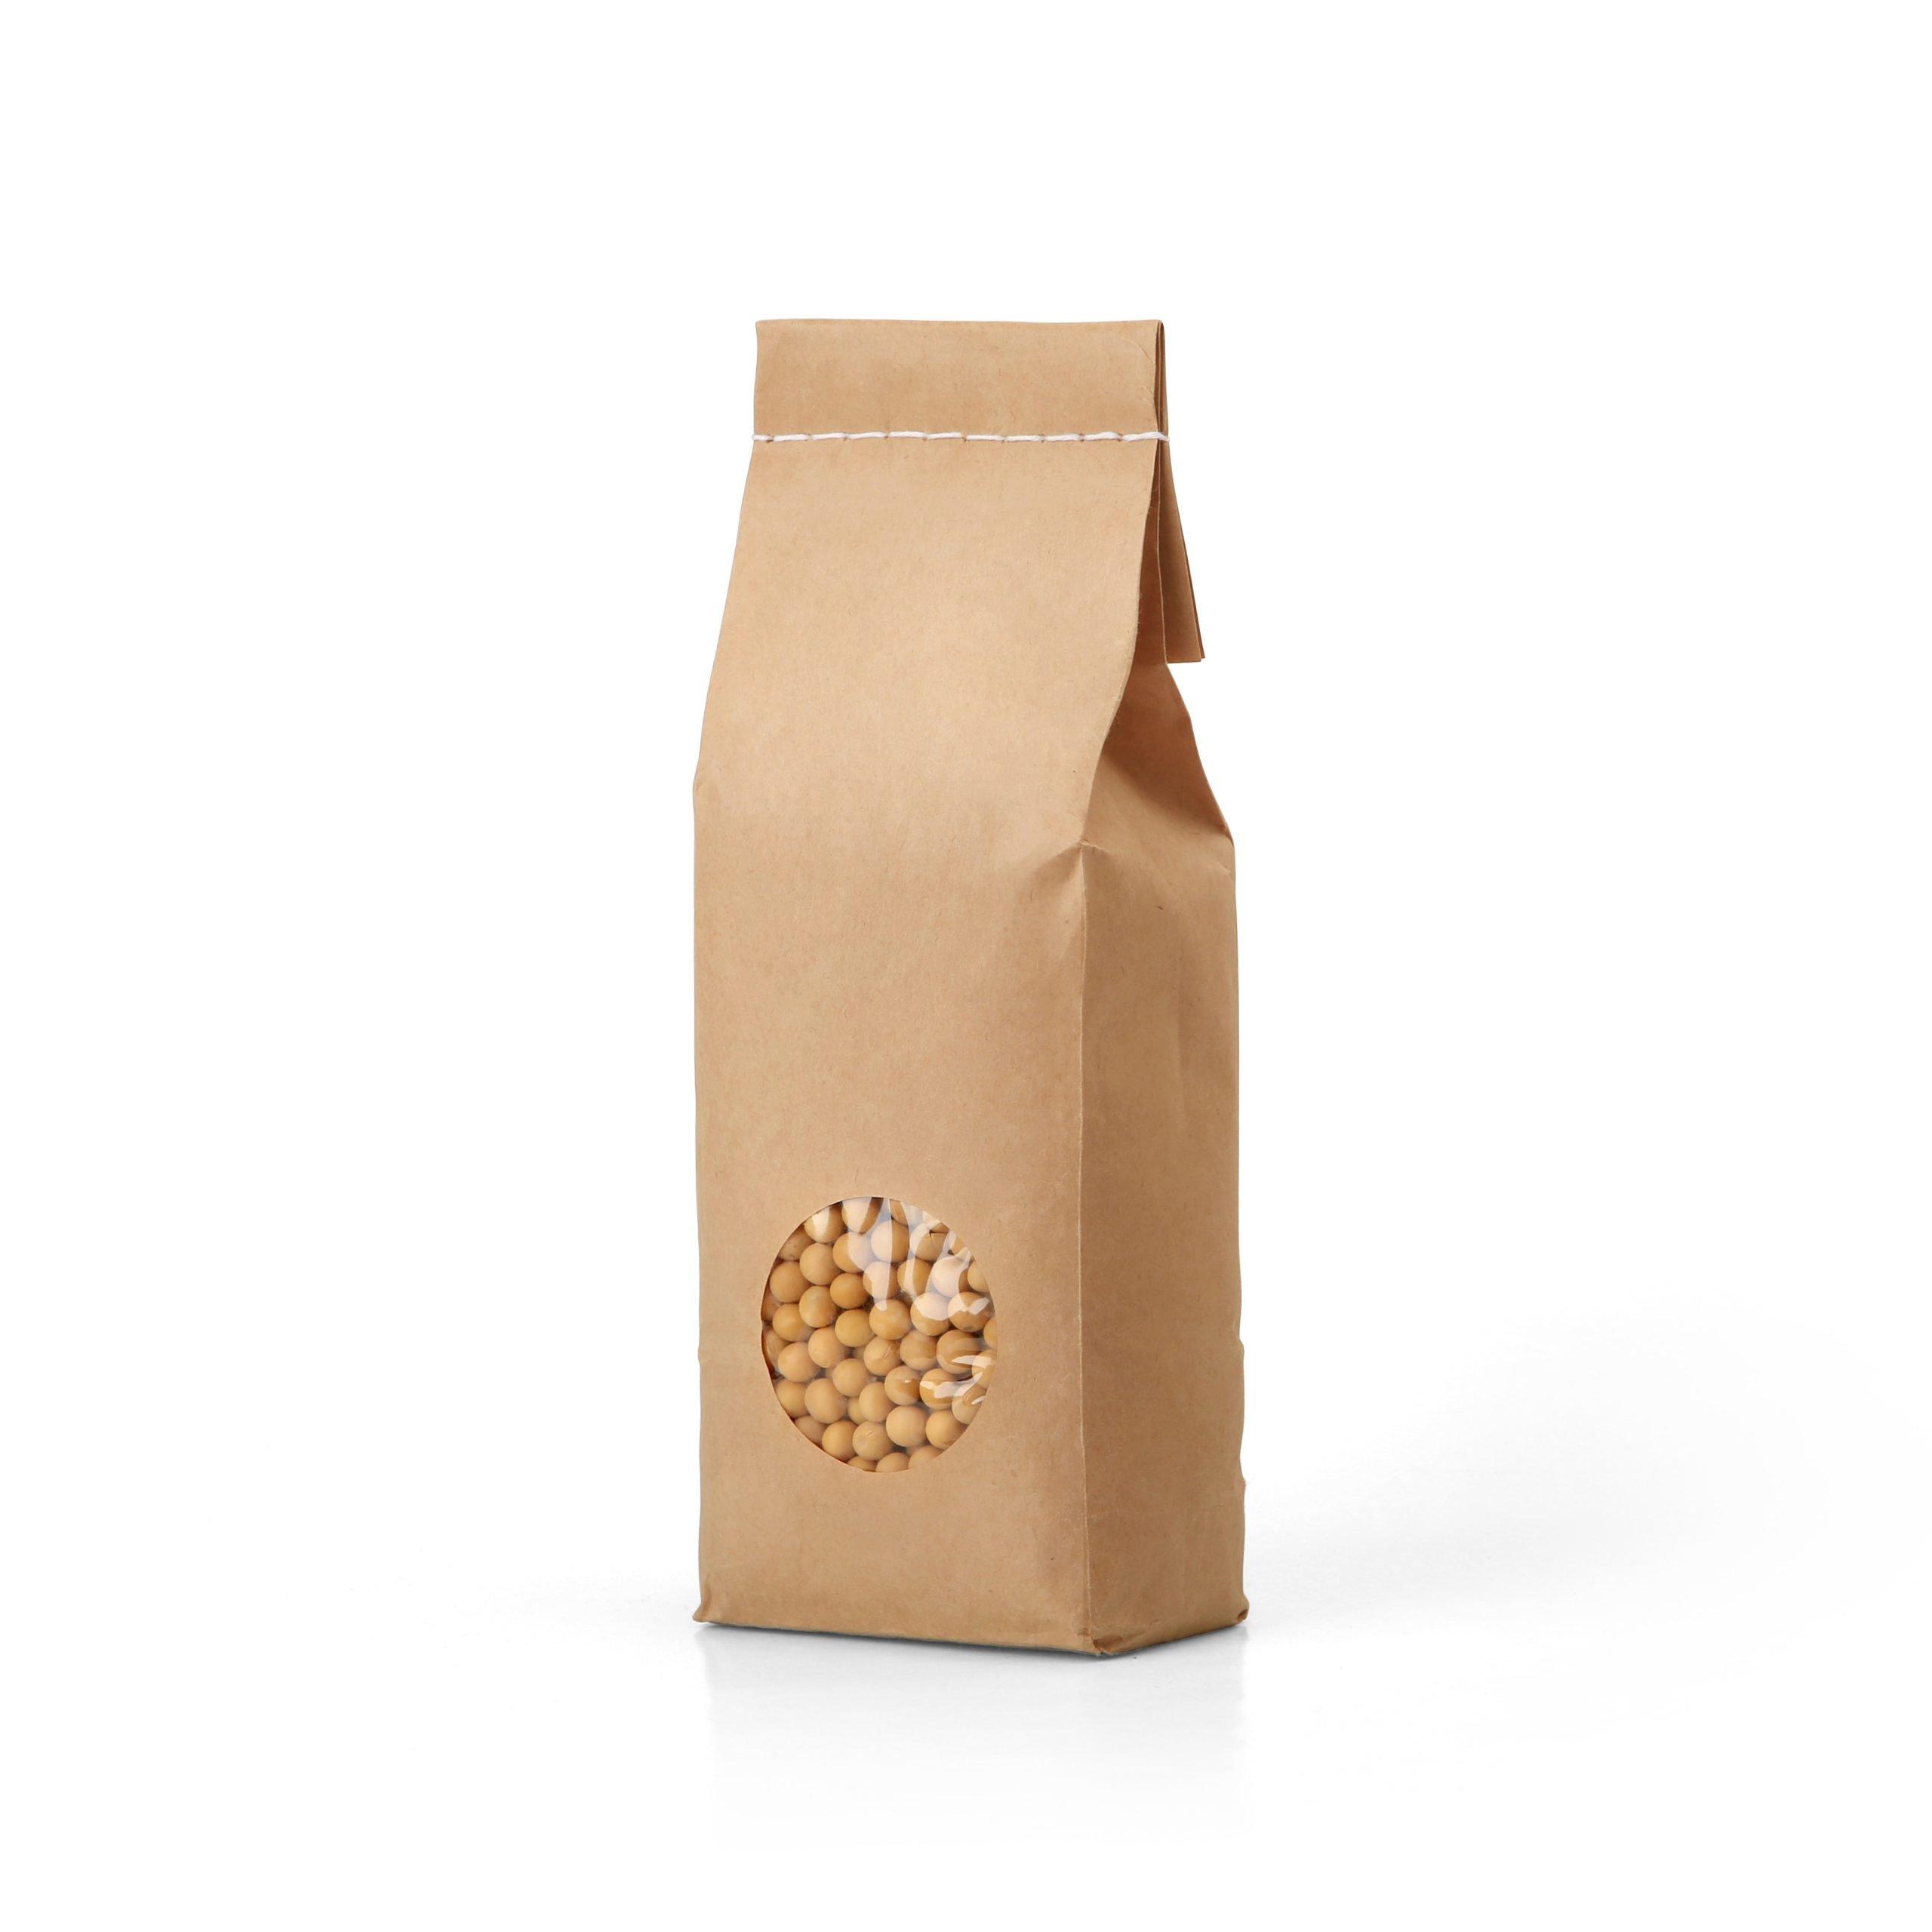 Crear una experiencia única con el diseño de packaging